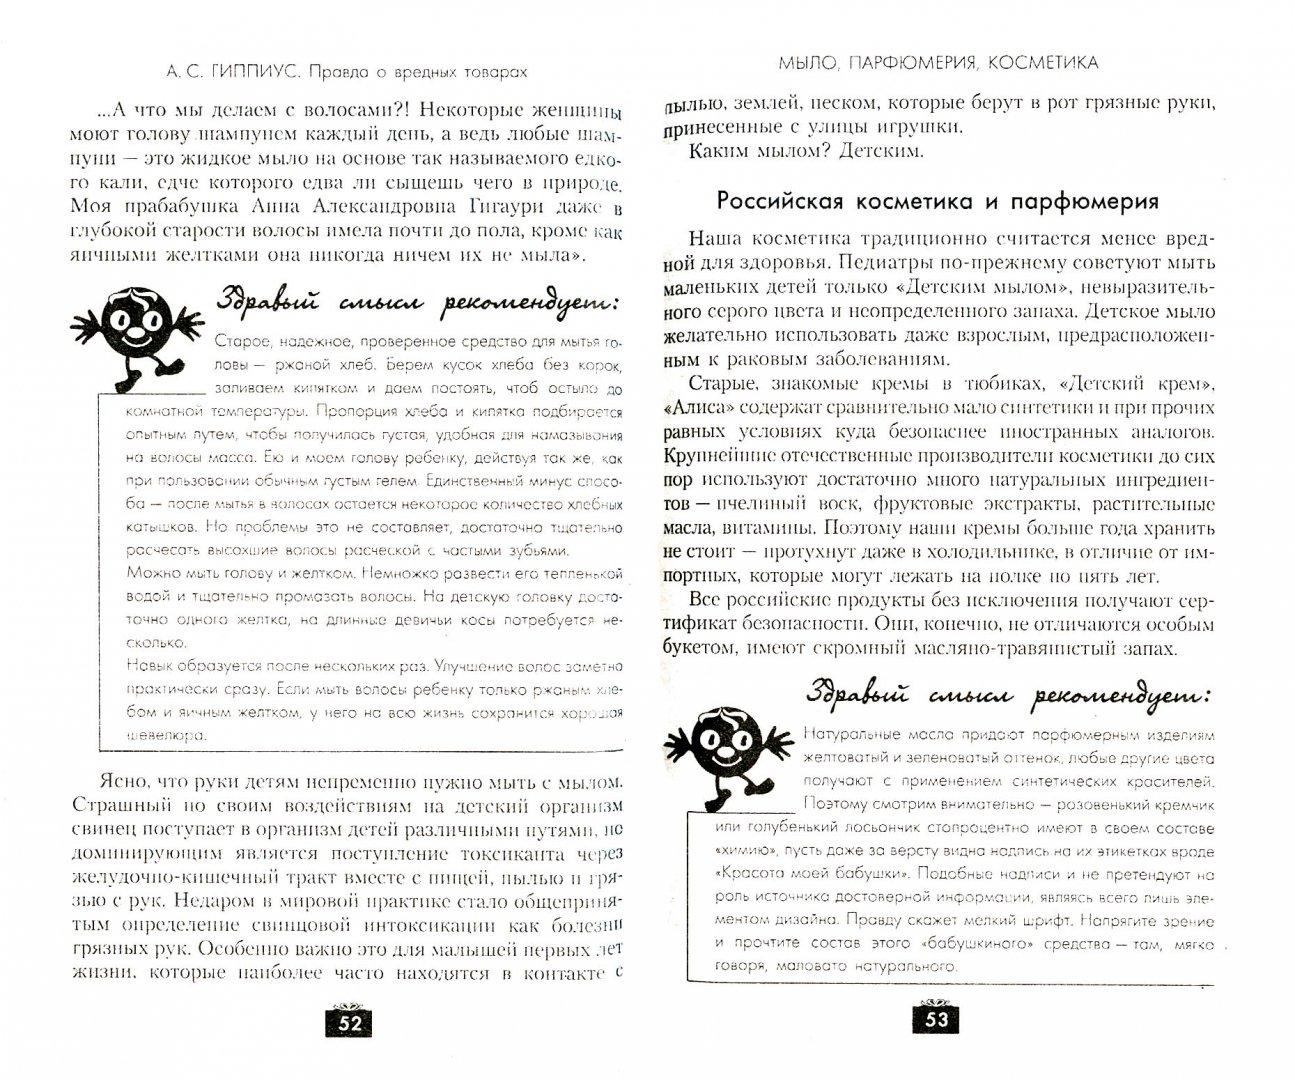 Иллюстрация 1 из 16 для Правда о вредных товарах - Анна Гиппиус   Лабиринт - книги. Источник: Лабиринт